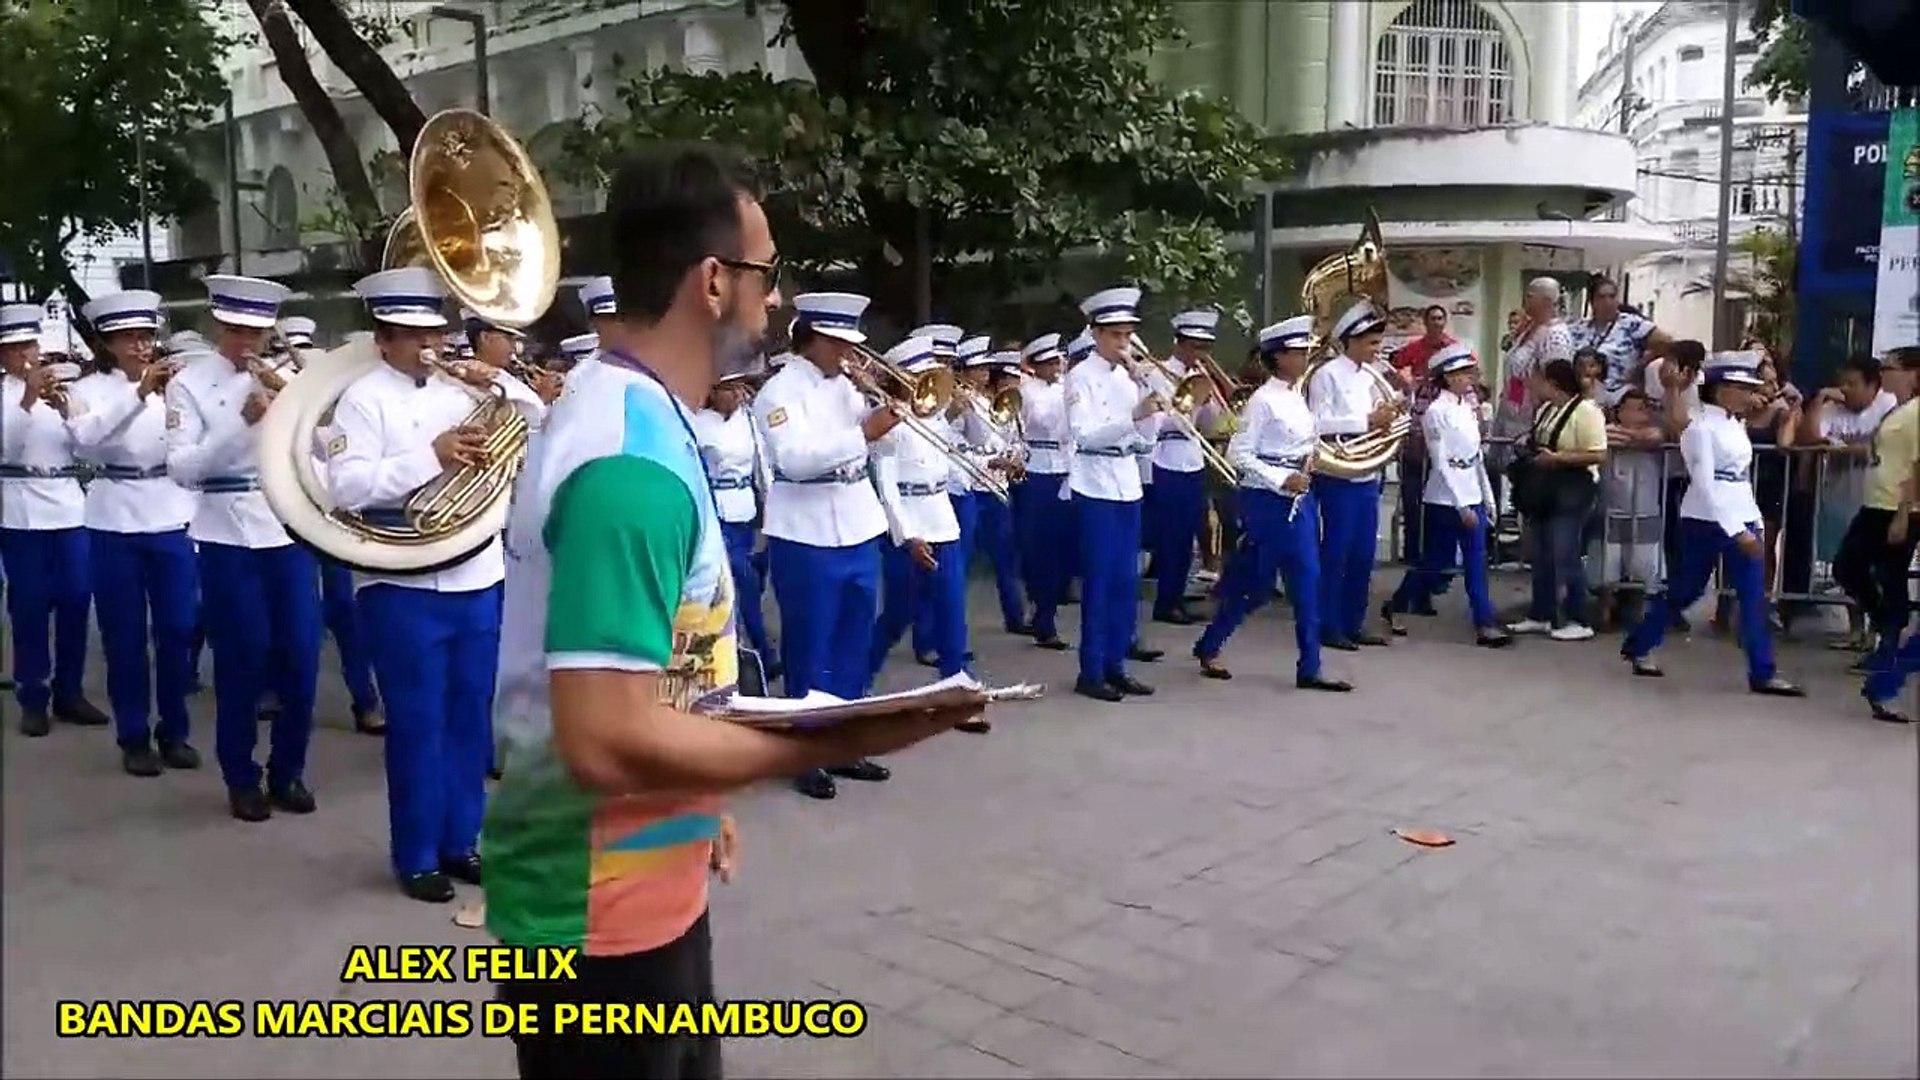 CNBF - 2018 _ Banda Musical Nemezio Ramos _ CAMPEONATO NACIONAL DE BANDAS E FANFARRAS EM RECIFE PE